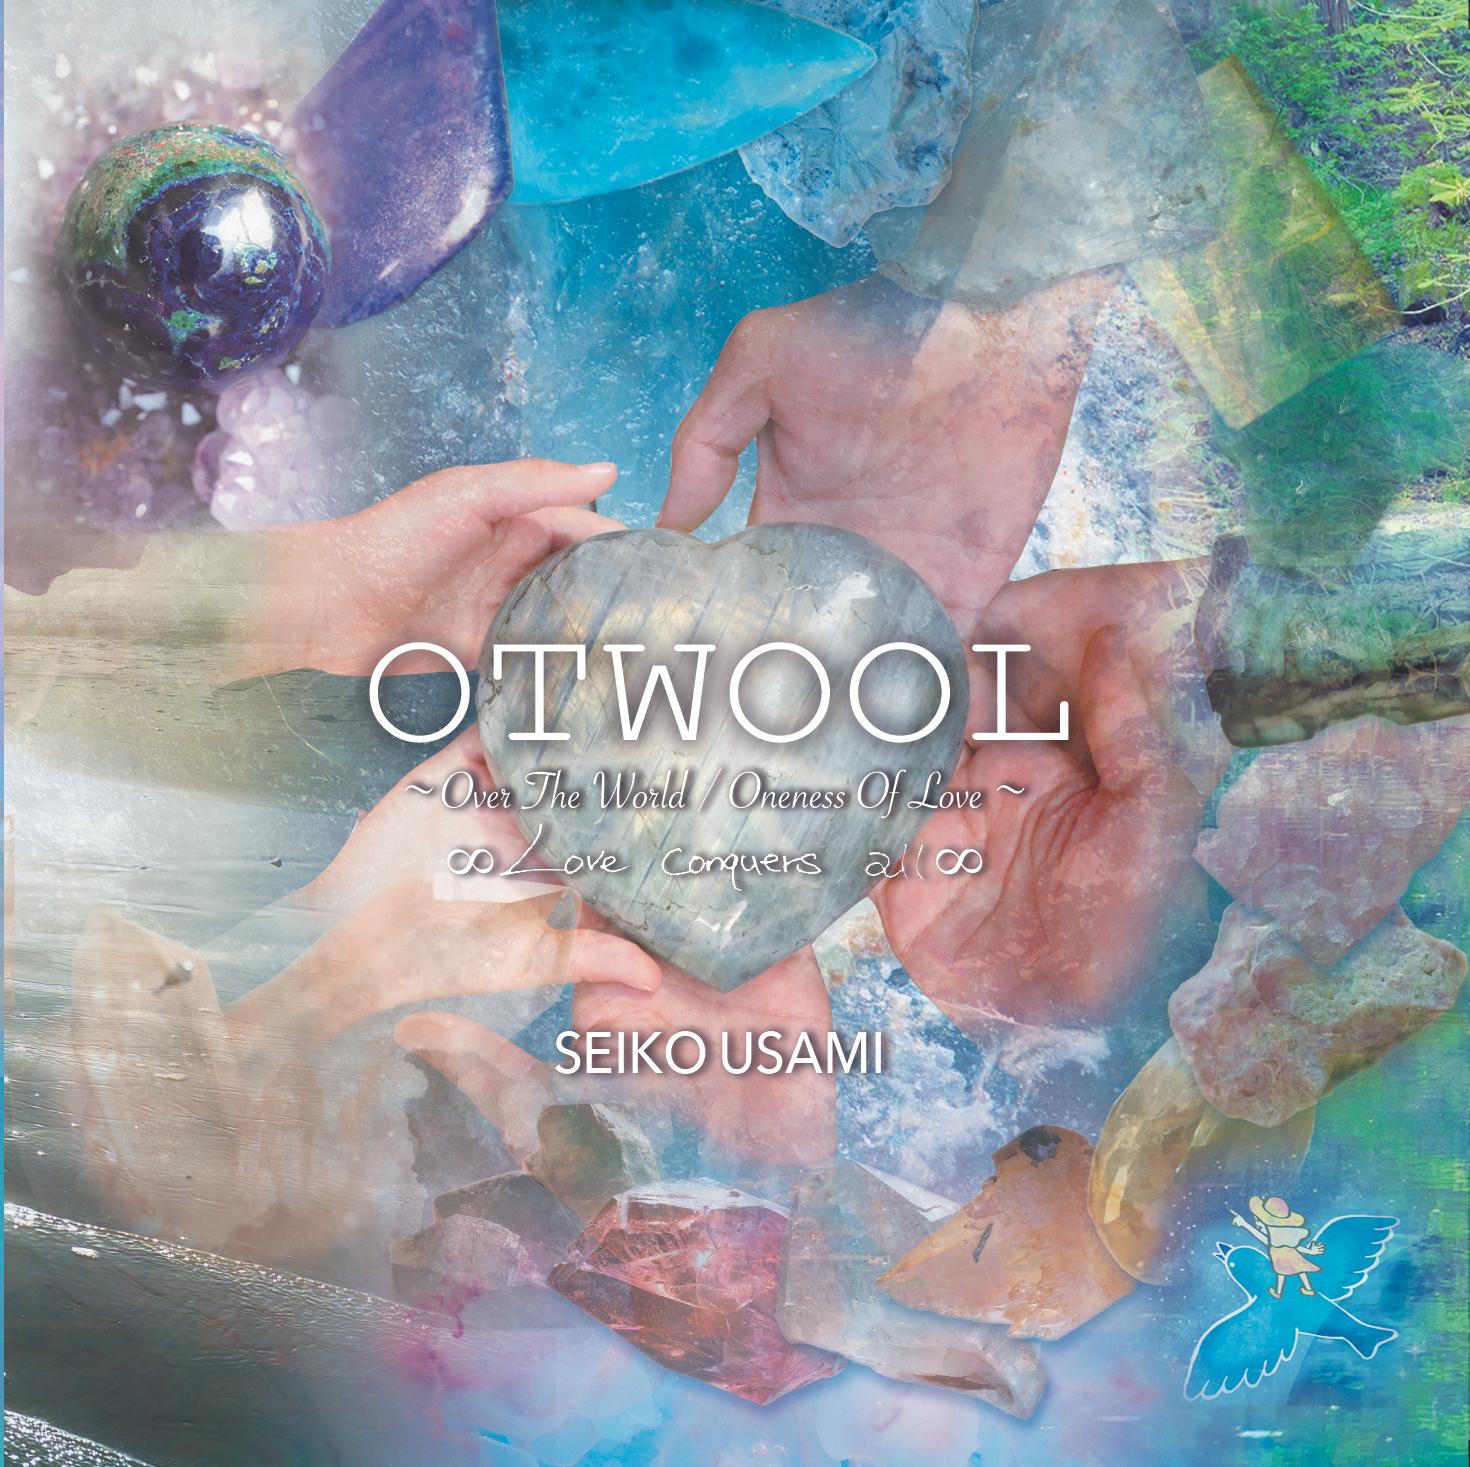 【特別限定版】《OTWOOL》 SEIKO USAMI 1st フルアルバム 絵本と水晶付き!